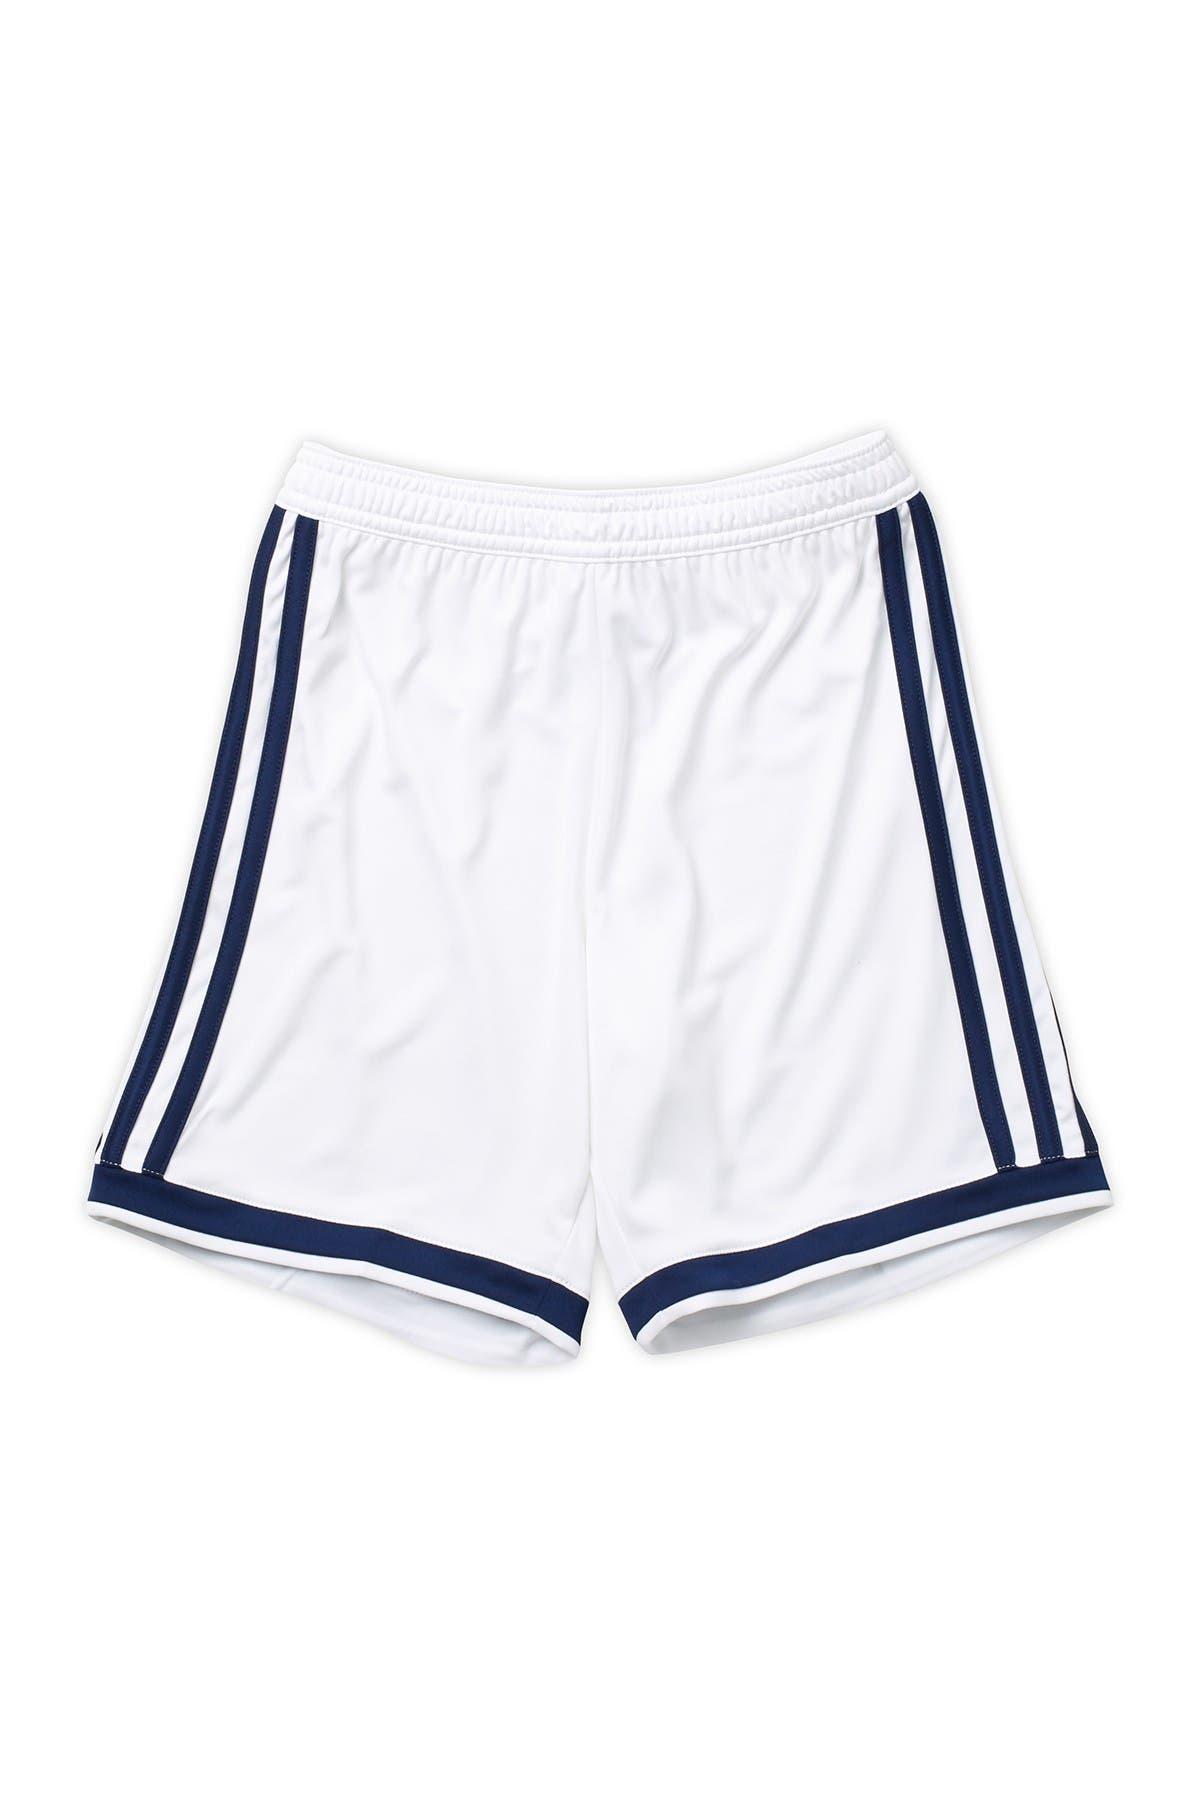 Image of ADIDAS ORIGINALS Regista 18 Shorts